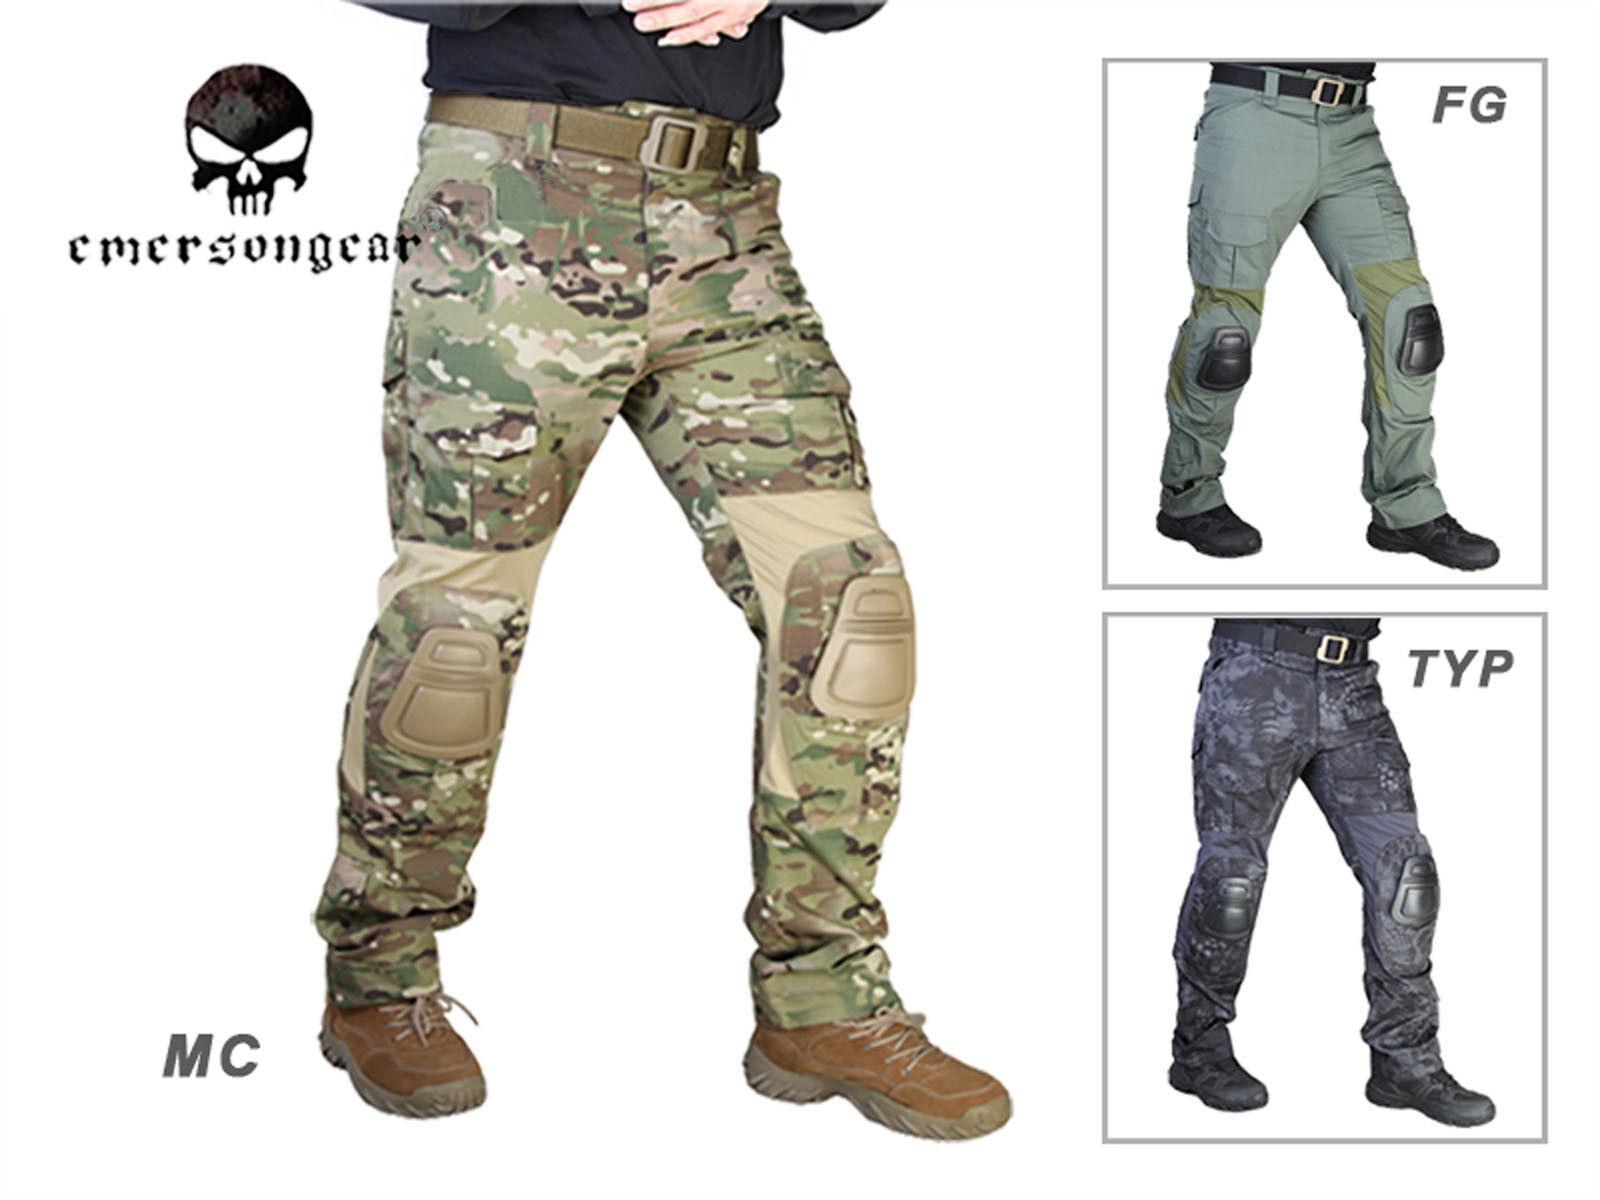 Emerson G2 Tactical Pantalones Con Rodilleras Airsoft Caza Pantalones EM7038